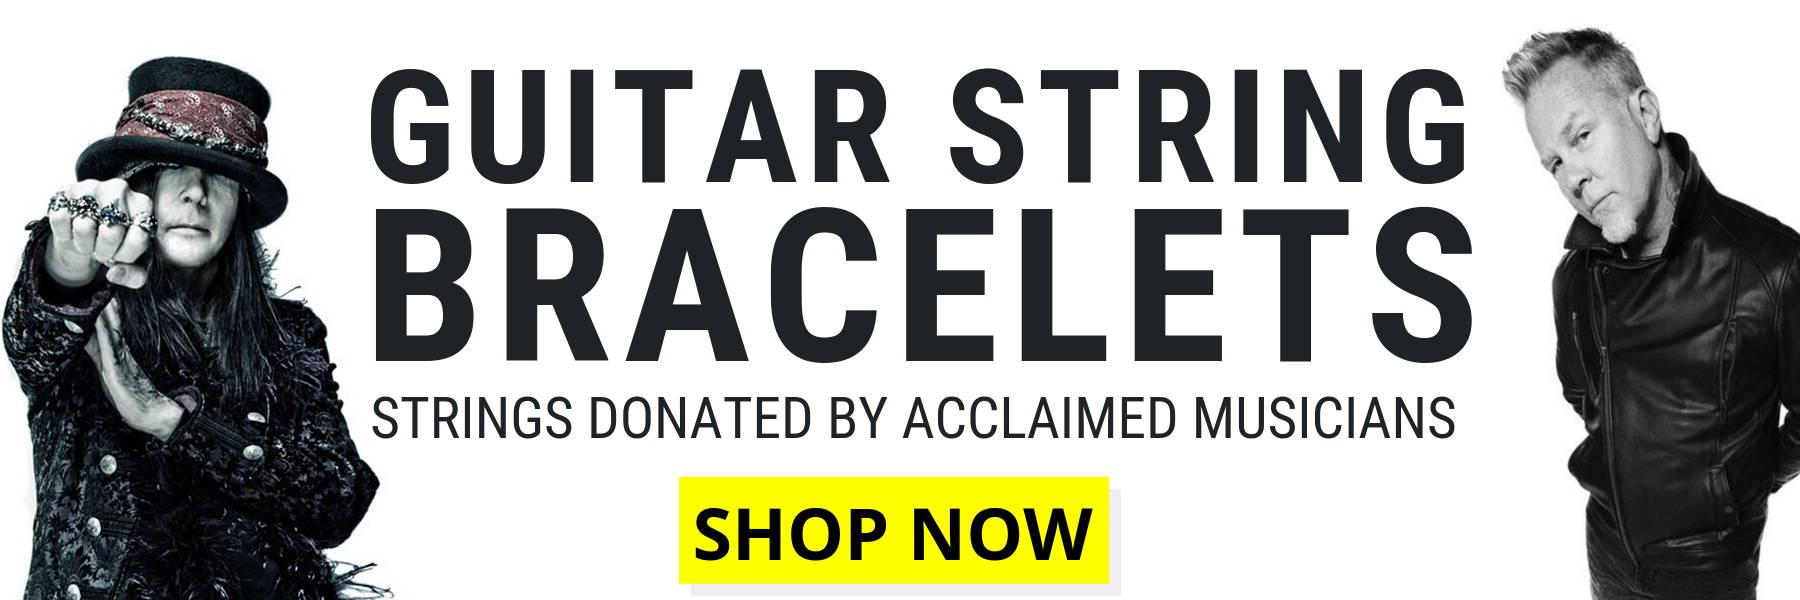 Wear Your Music guitar string bracelets Mick Mars, James Hetfield